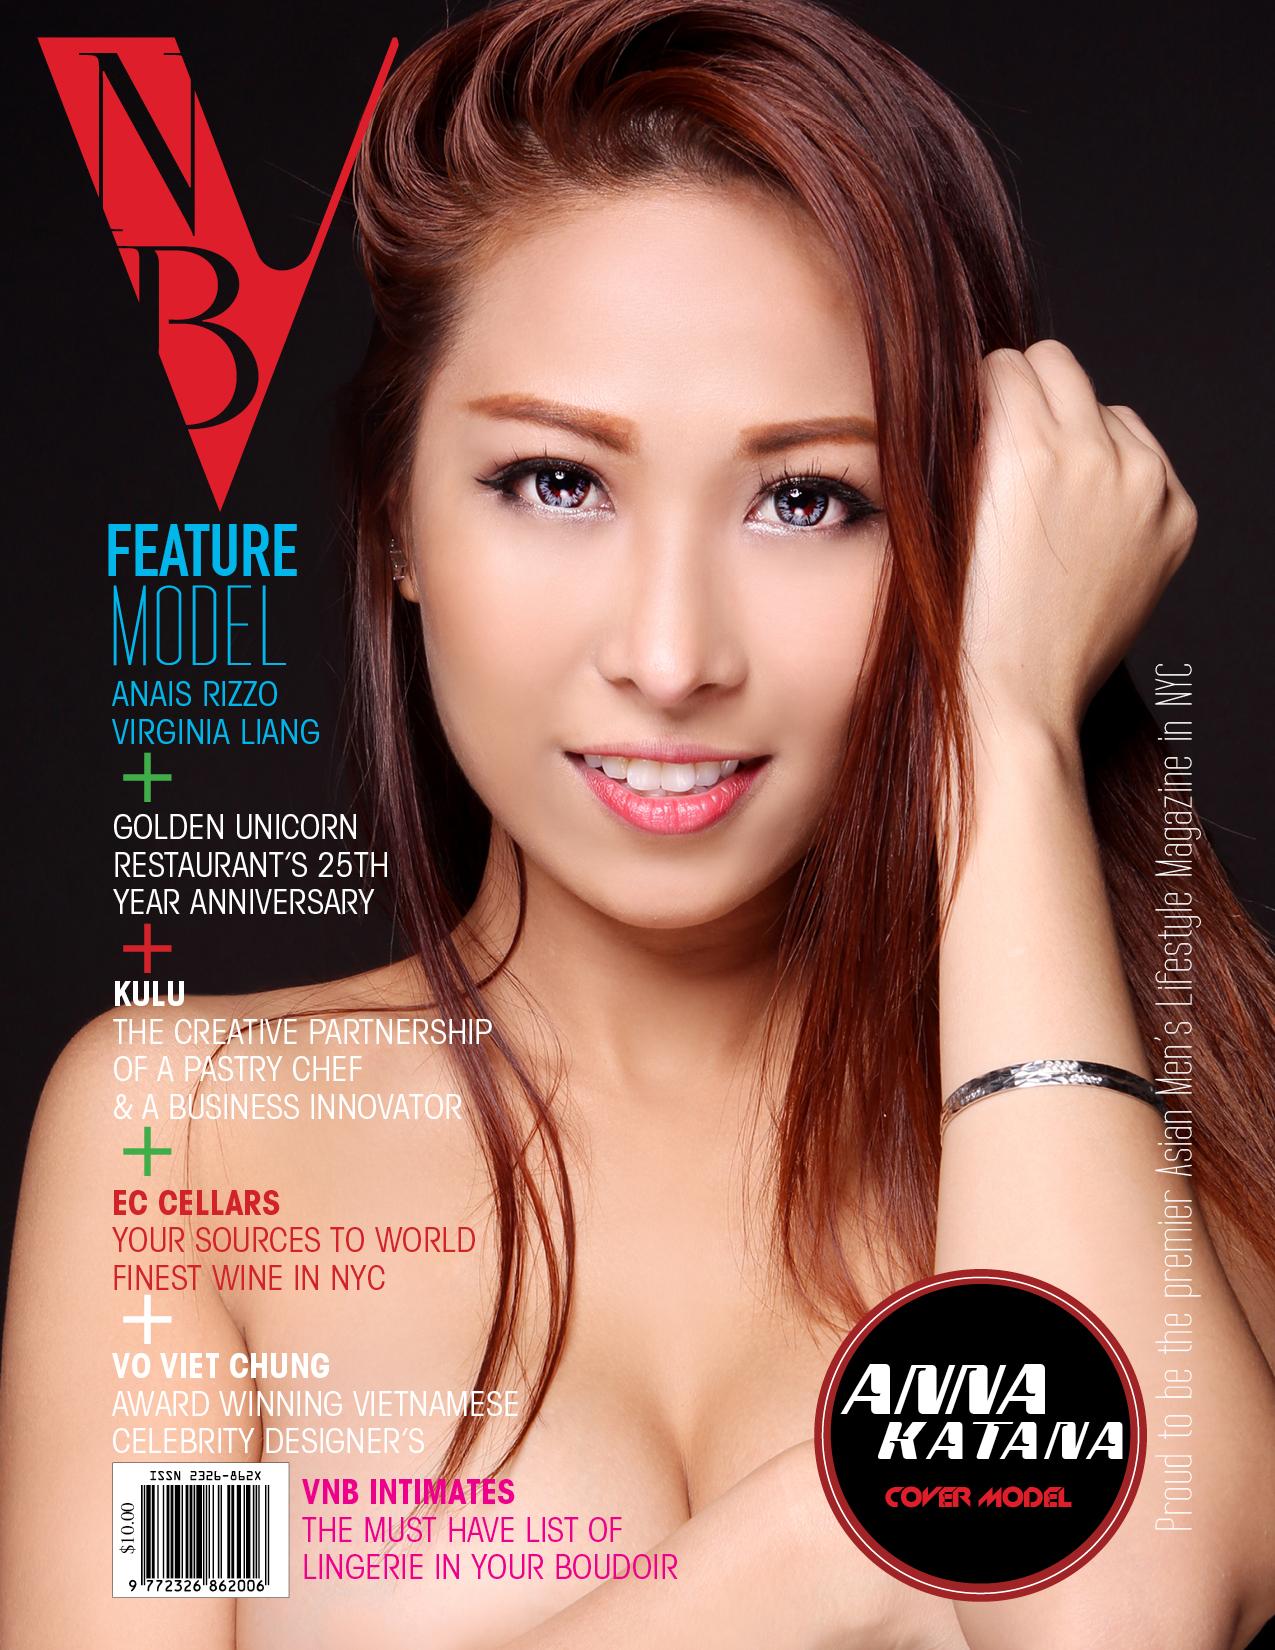 VNB magazine issue 21 online version